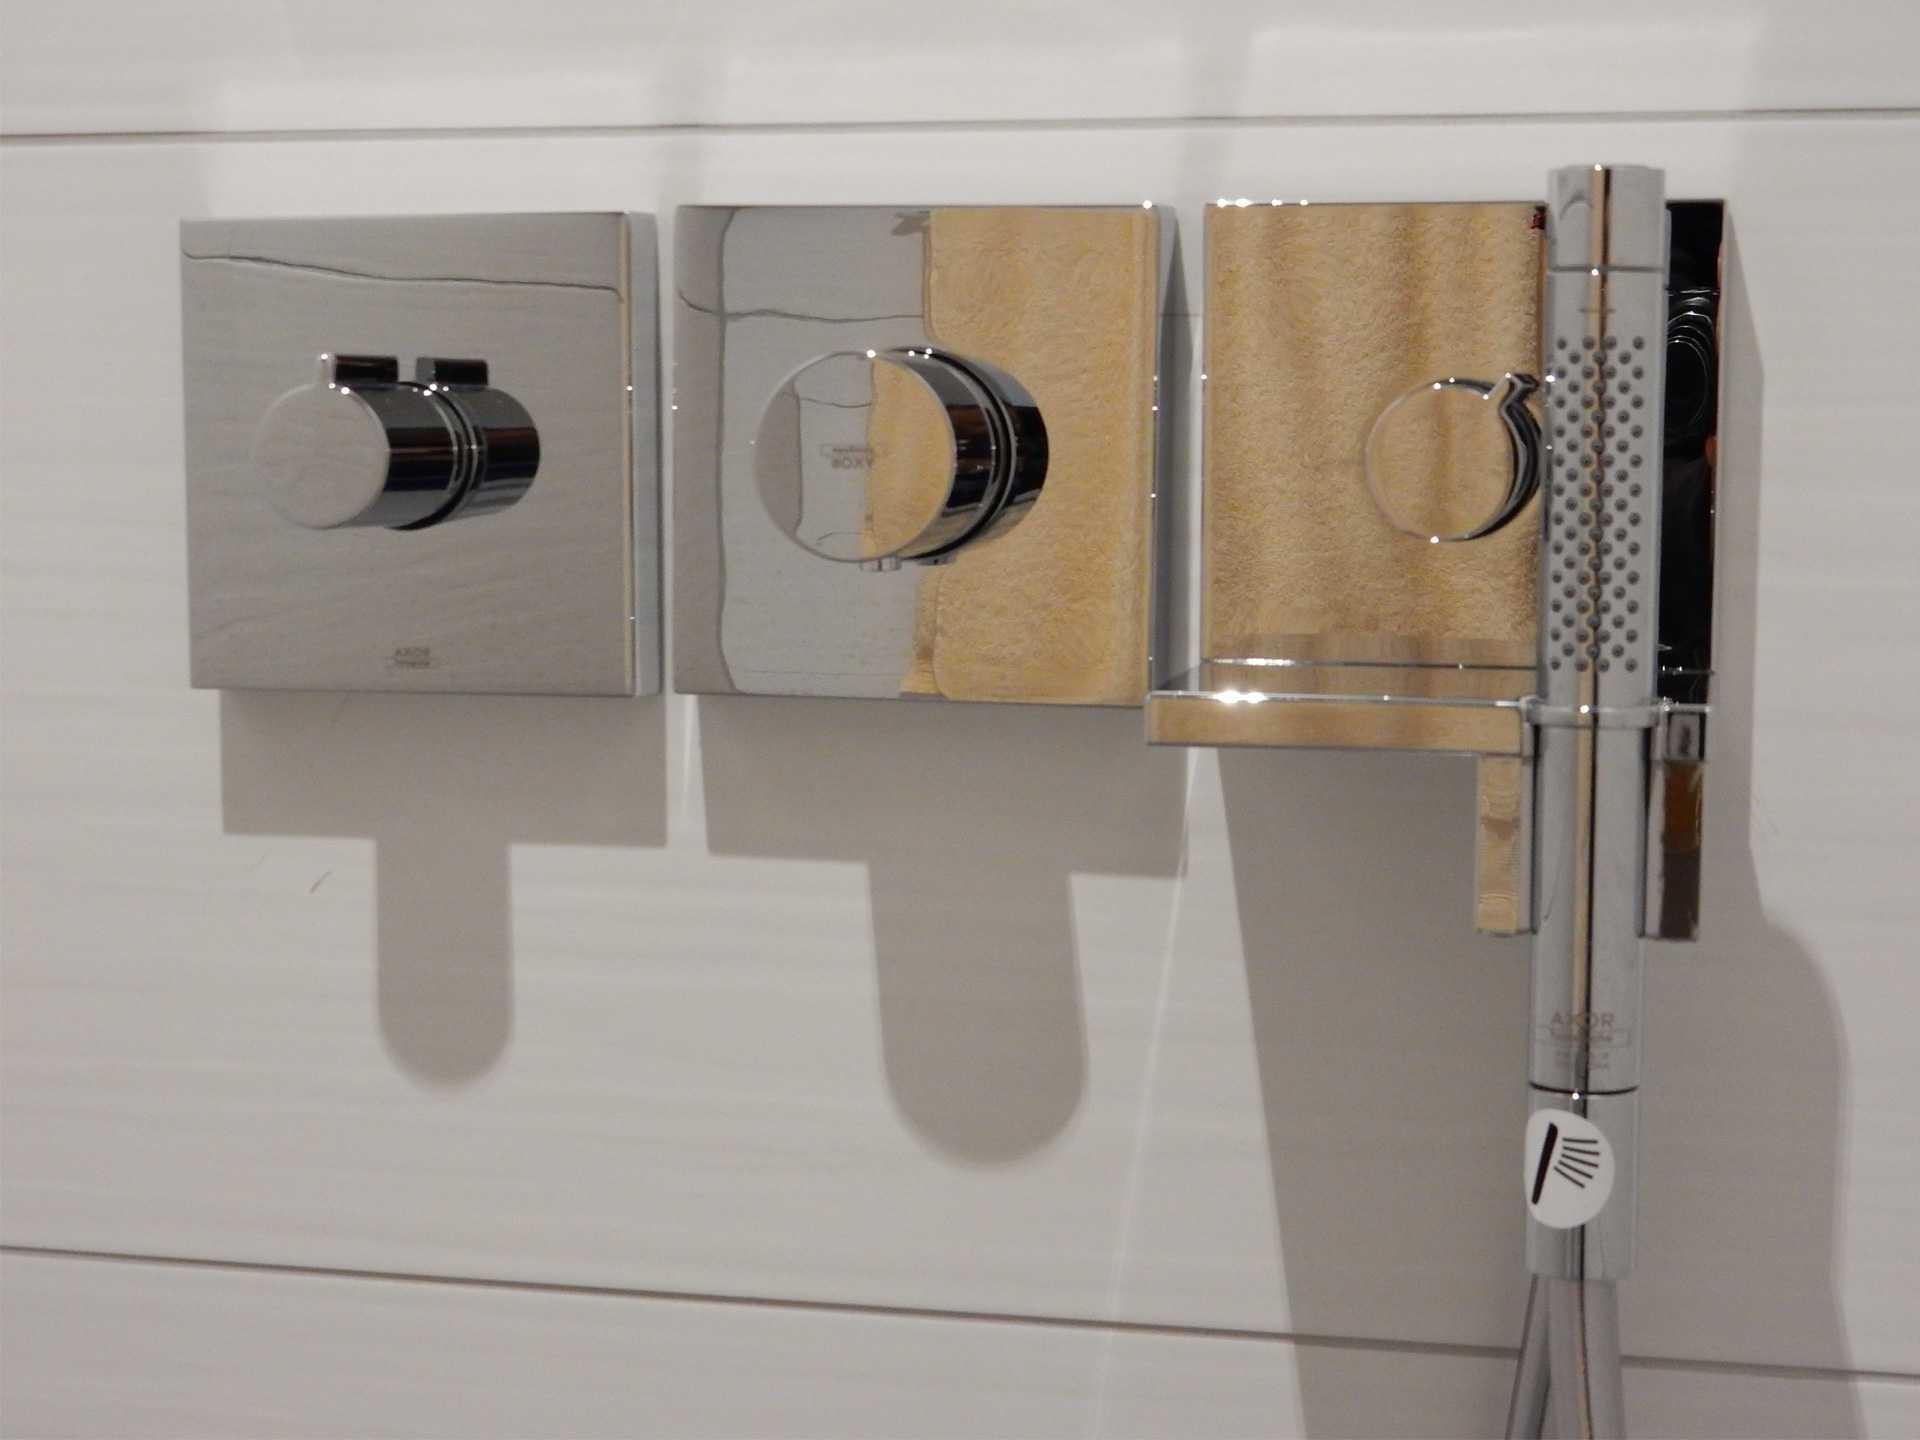 Sanitärausstattung ~ Dekoration, Inspiration Innenraum und